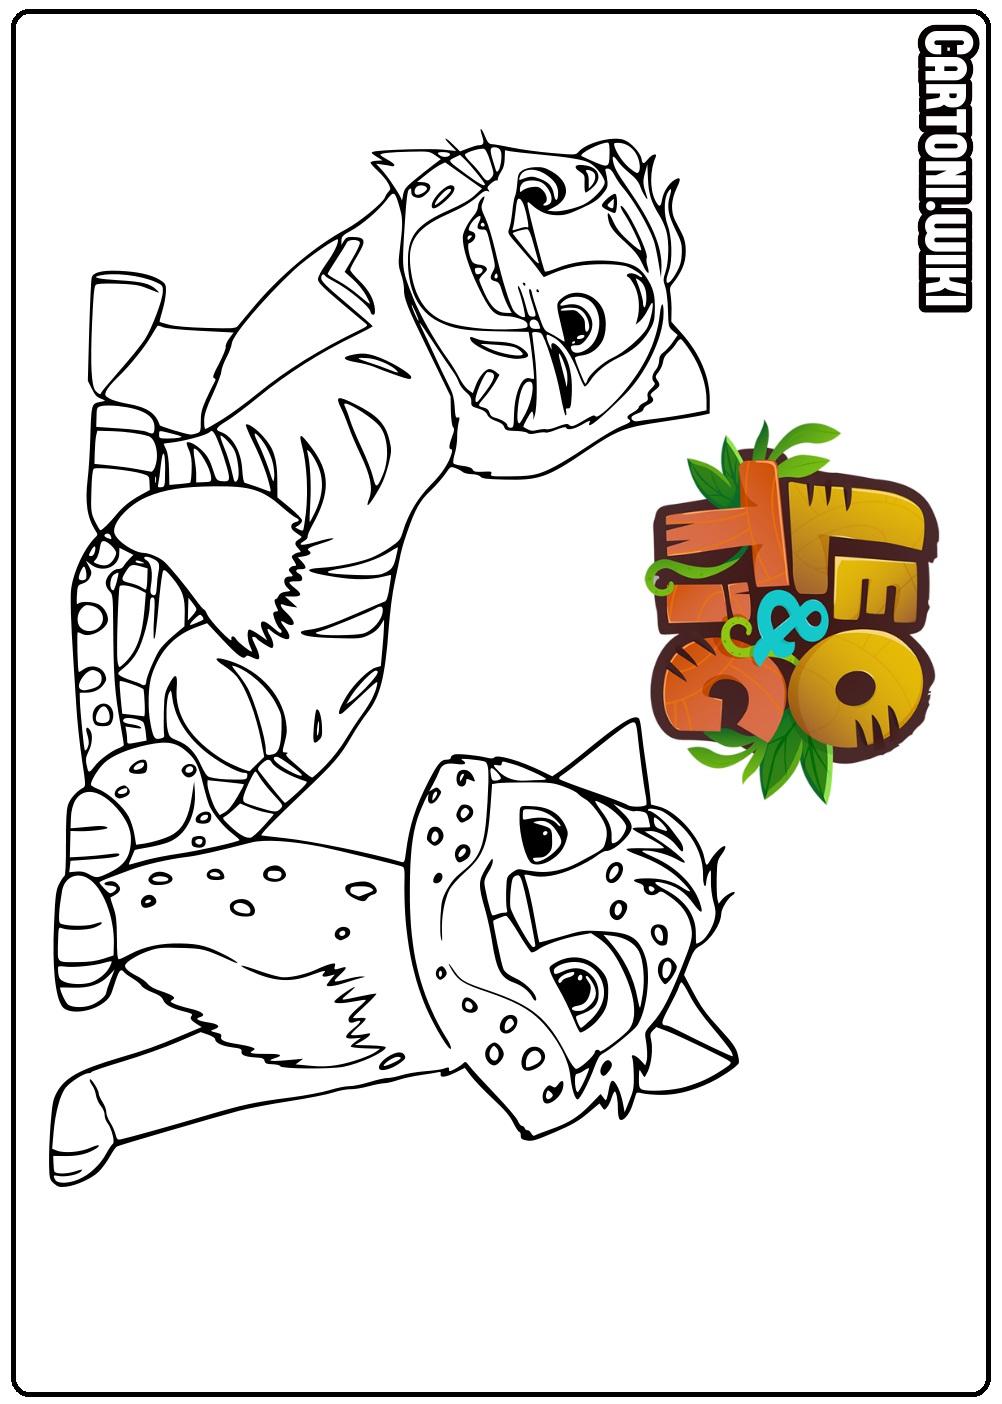 Leo Tig Disegni Da Colorare Cartoni Animati